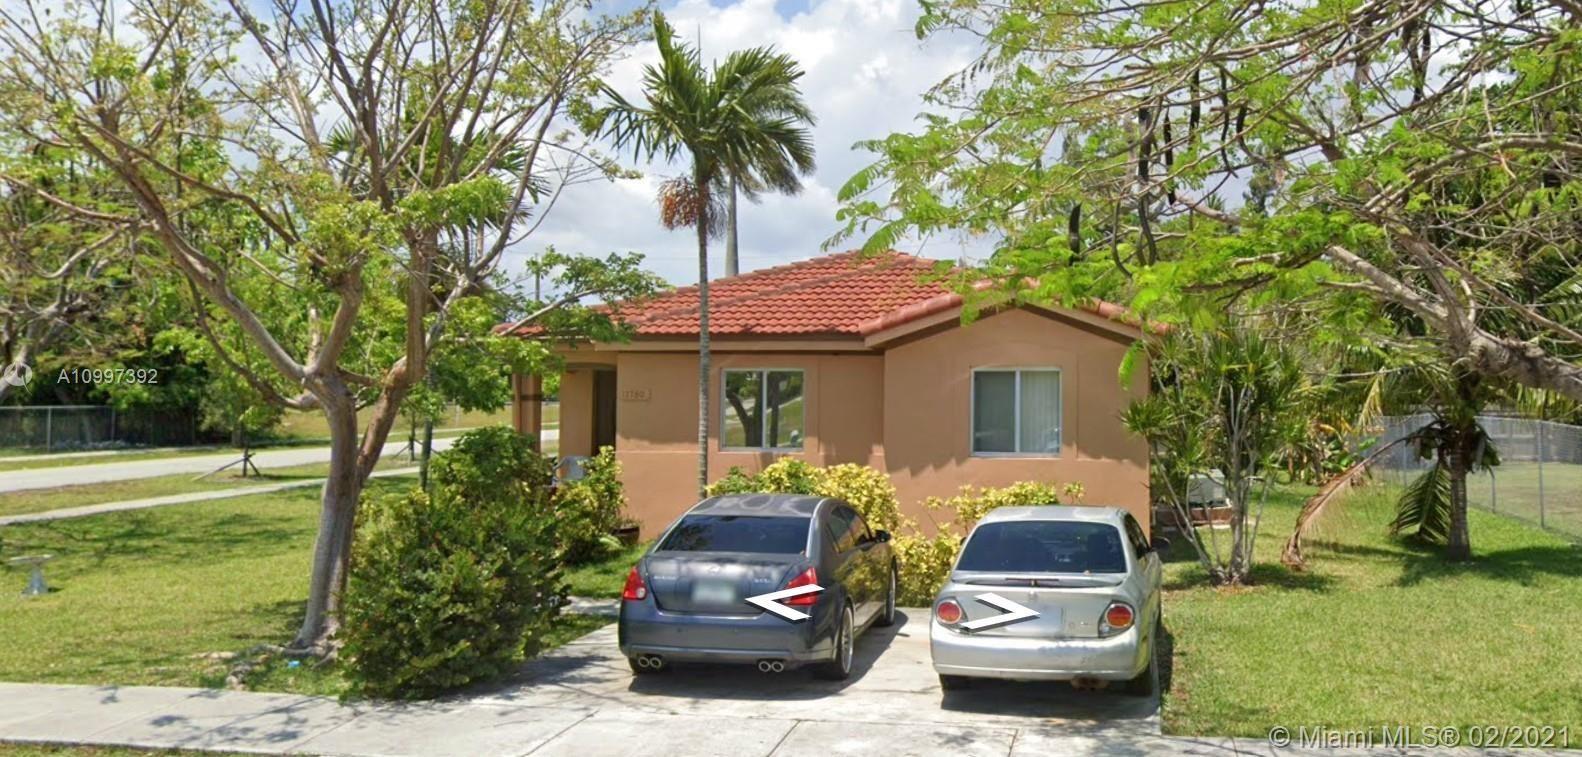 17780 SW 103rd Ave, Miami, FL 33157 - #: A10997392